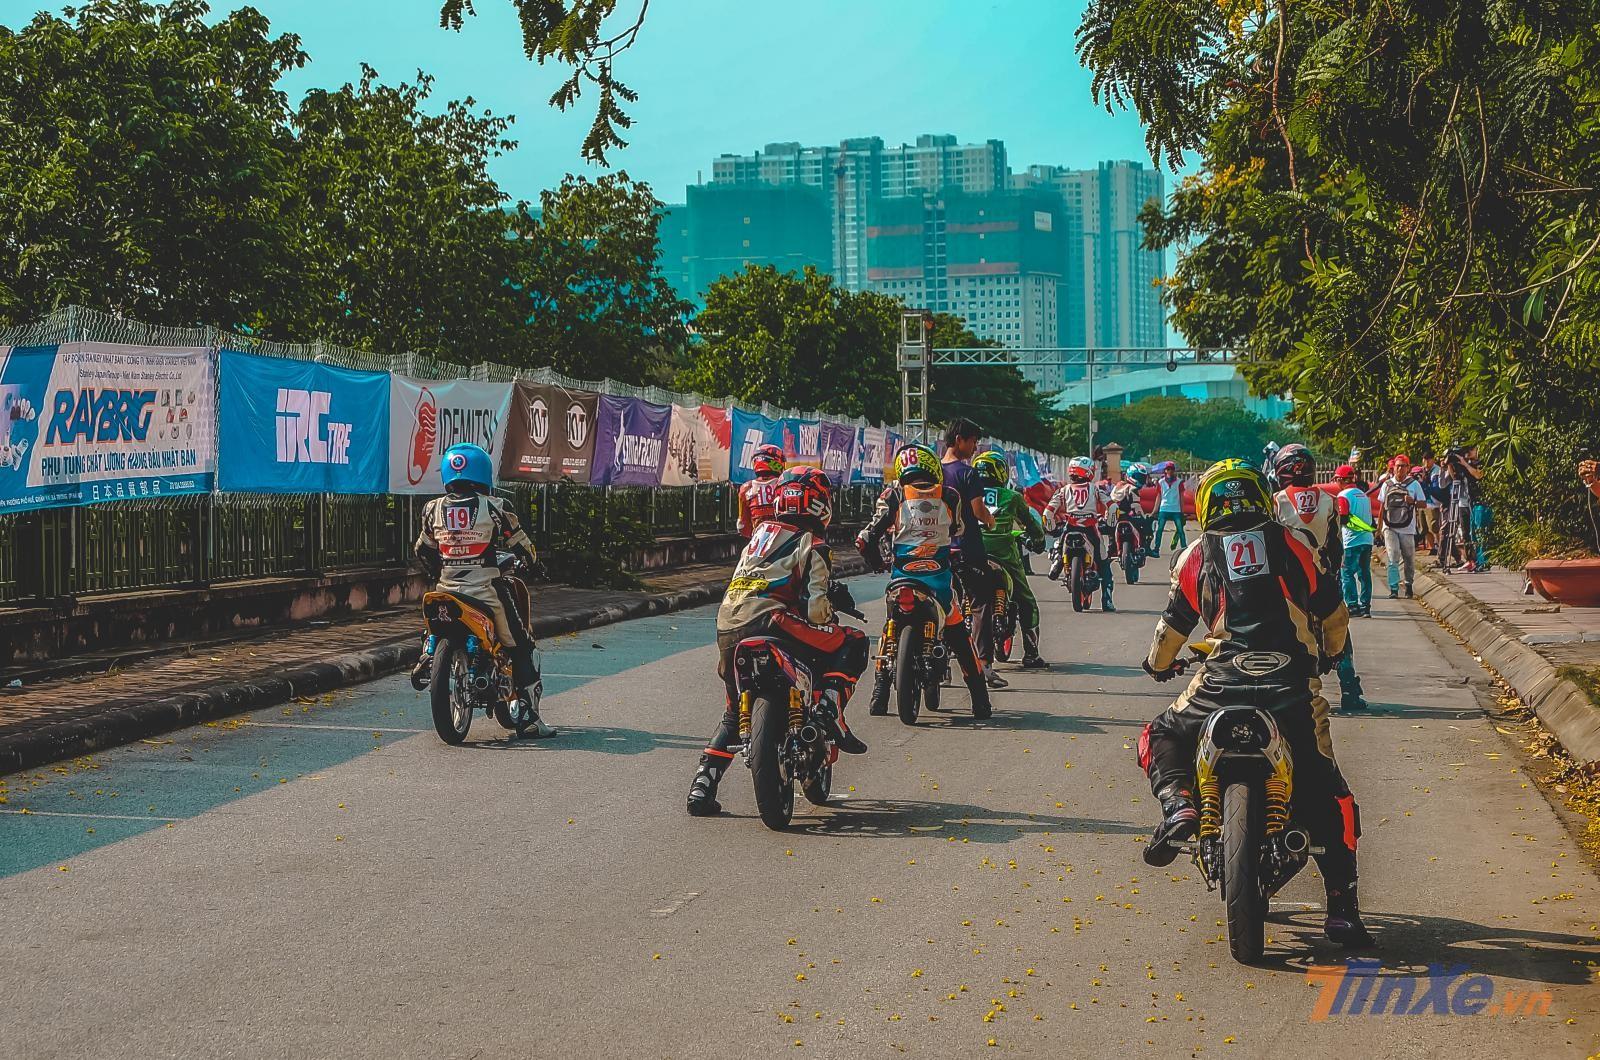 Chùm ảnh: Giải đua VMRC 2019 lần đầu tiên được tổ chức tại Hà Nội - 17